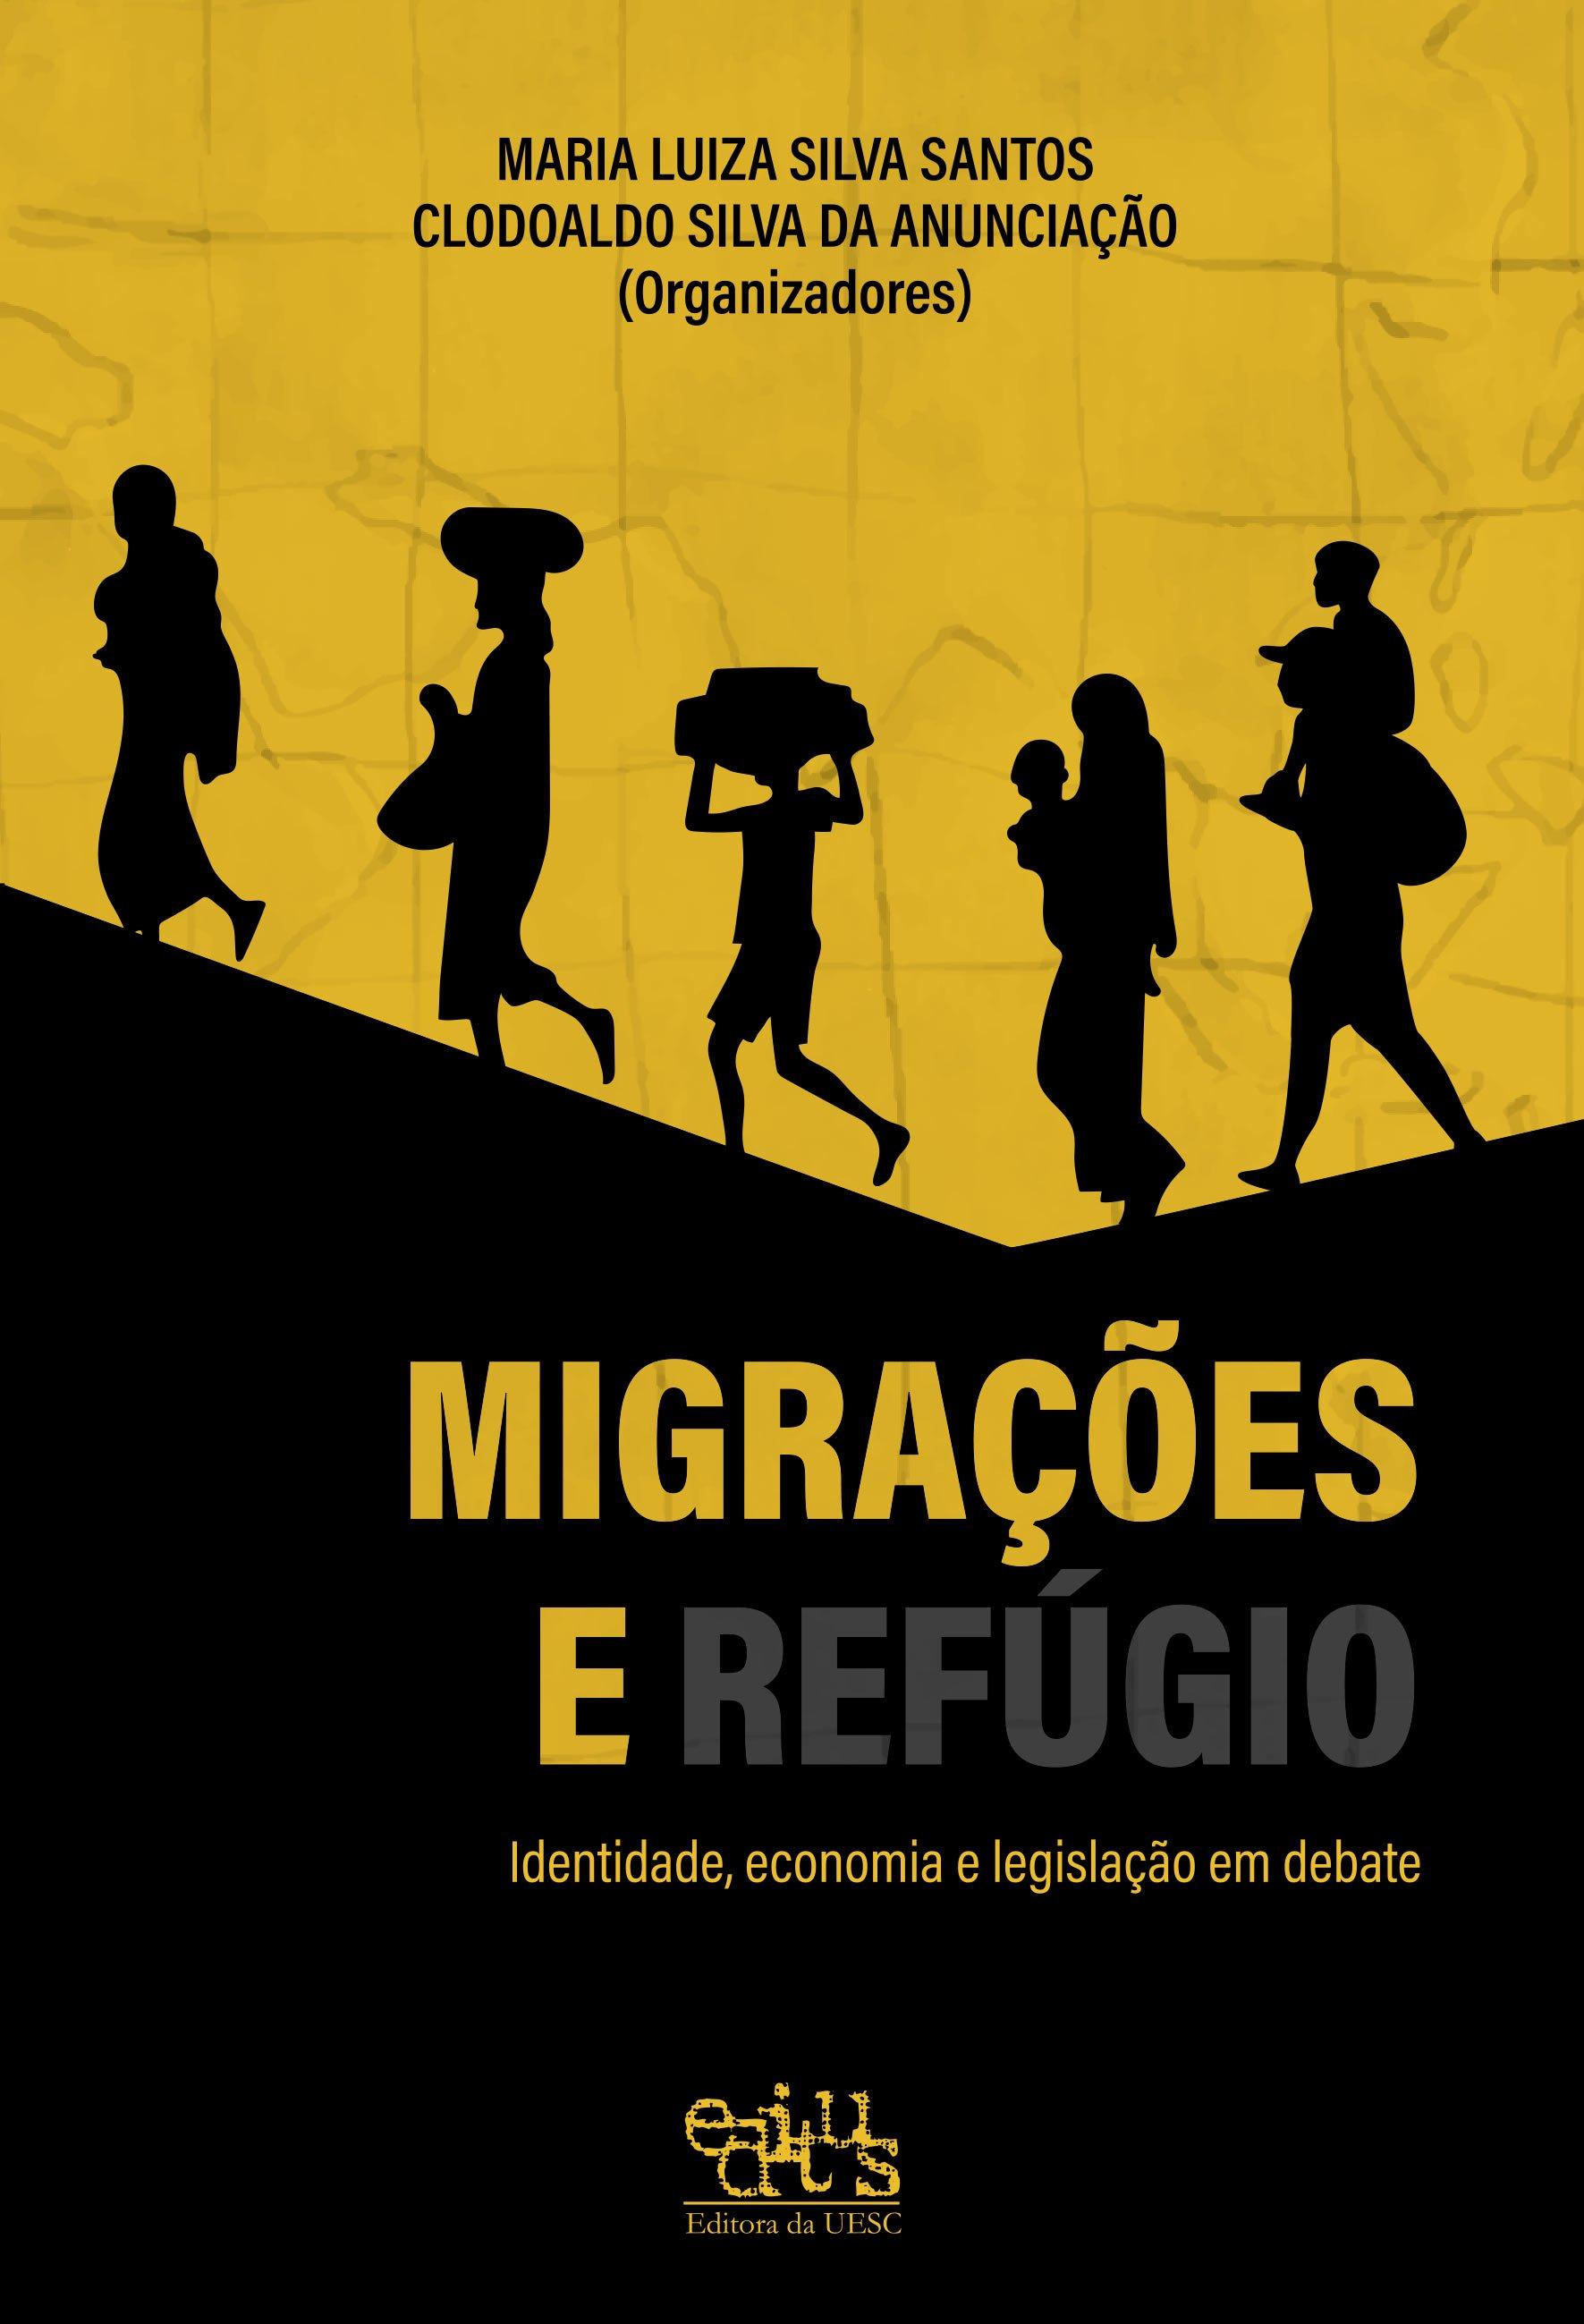 Migrações e refúgio. Identidade, economia e legislação em debate, livro de Maria Luiza Silva Santos, Clodoaldo Silva Anunciação